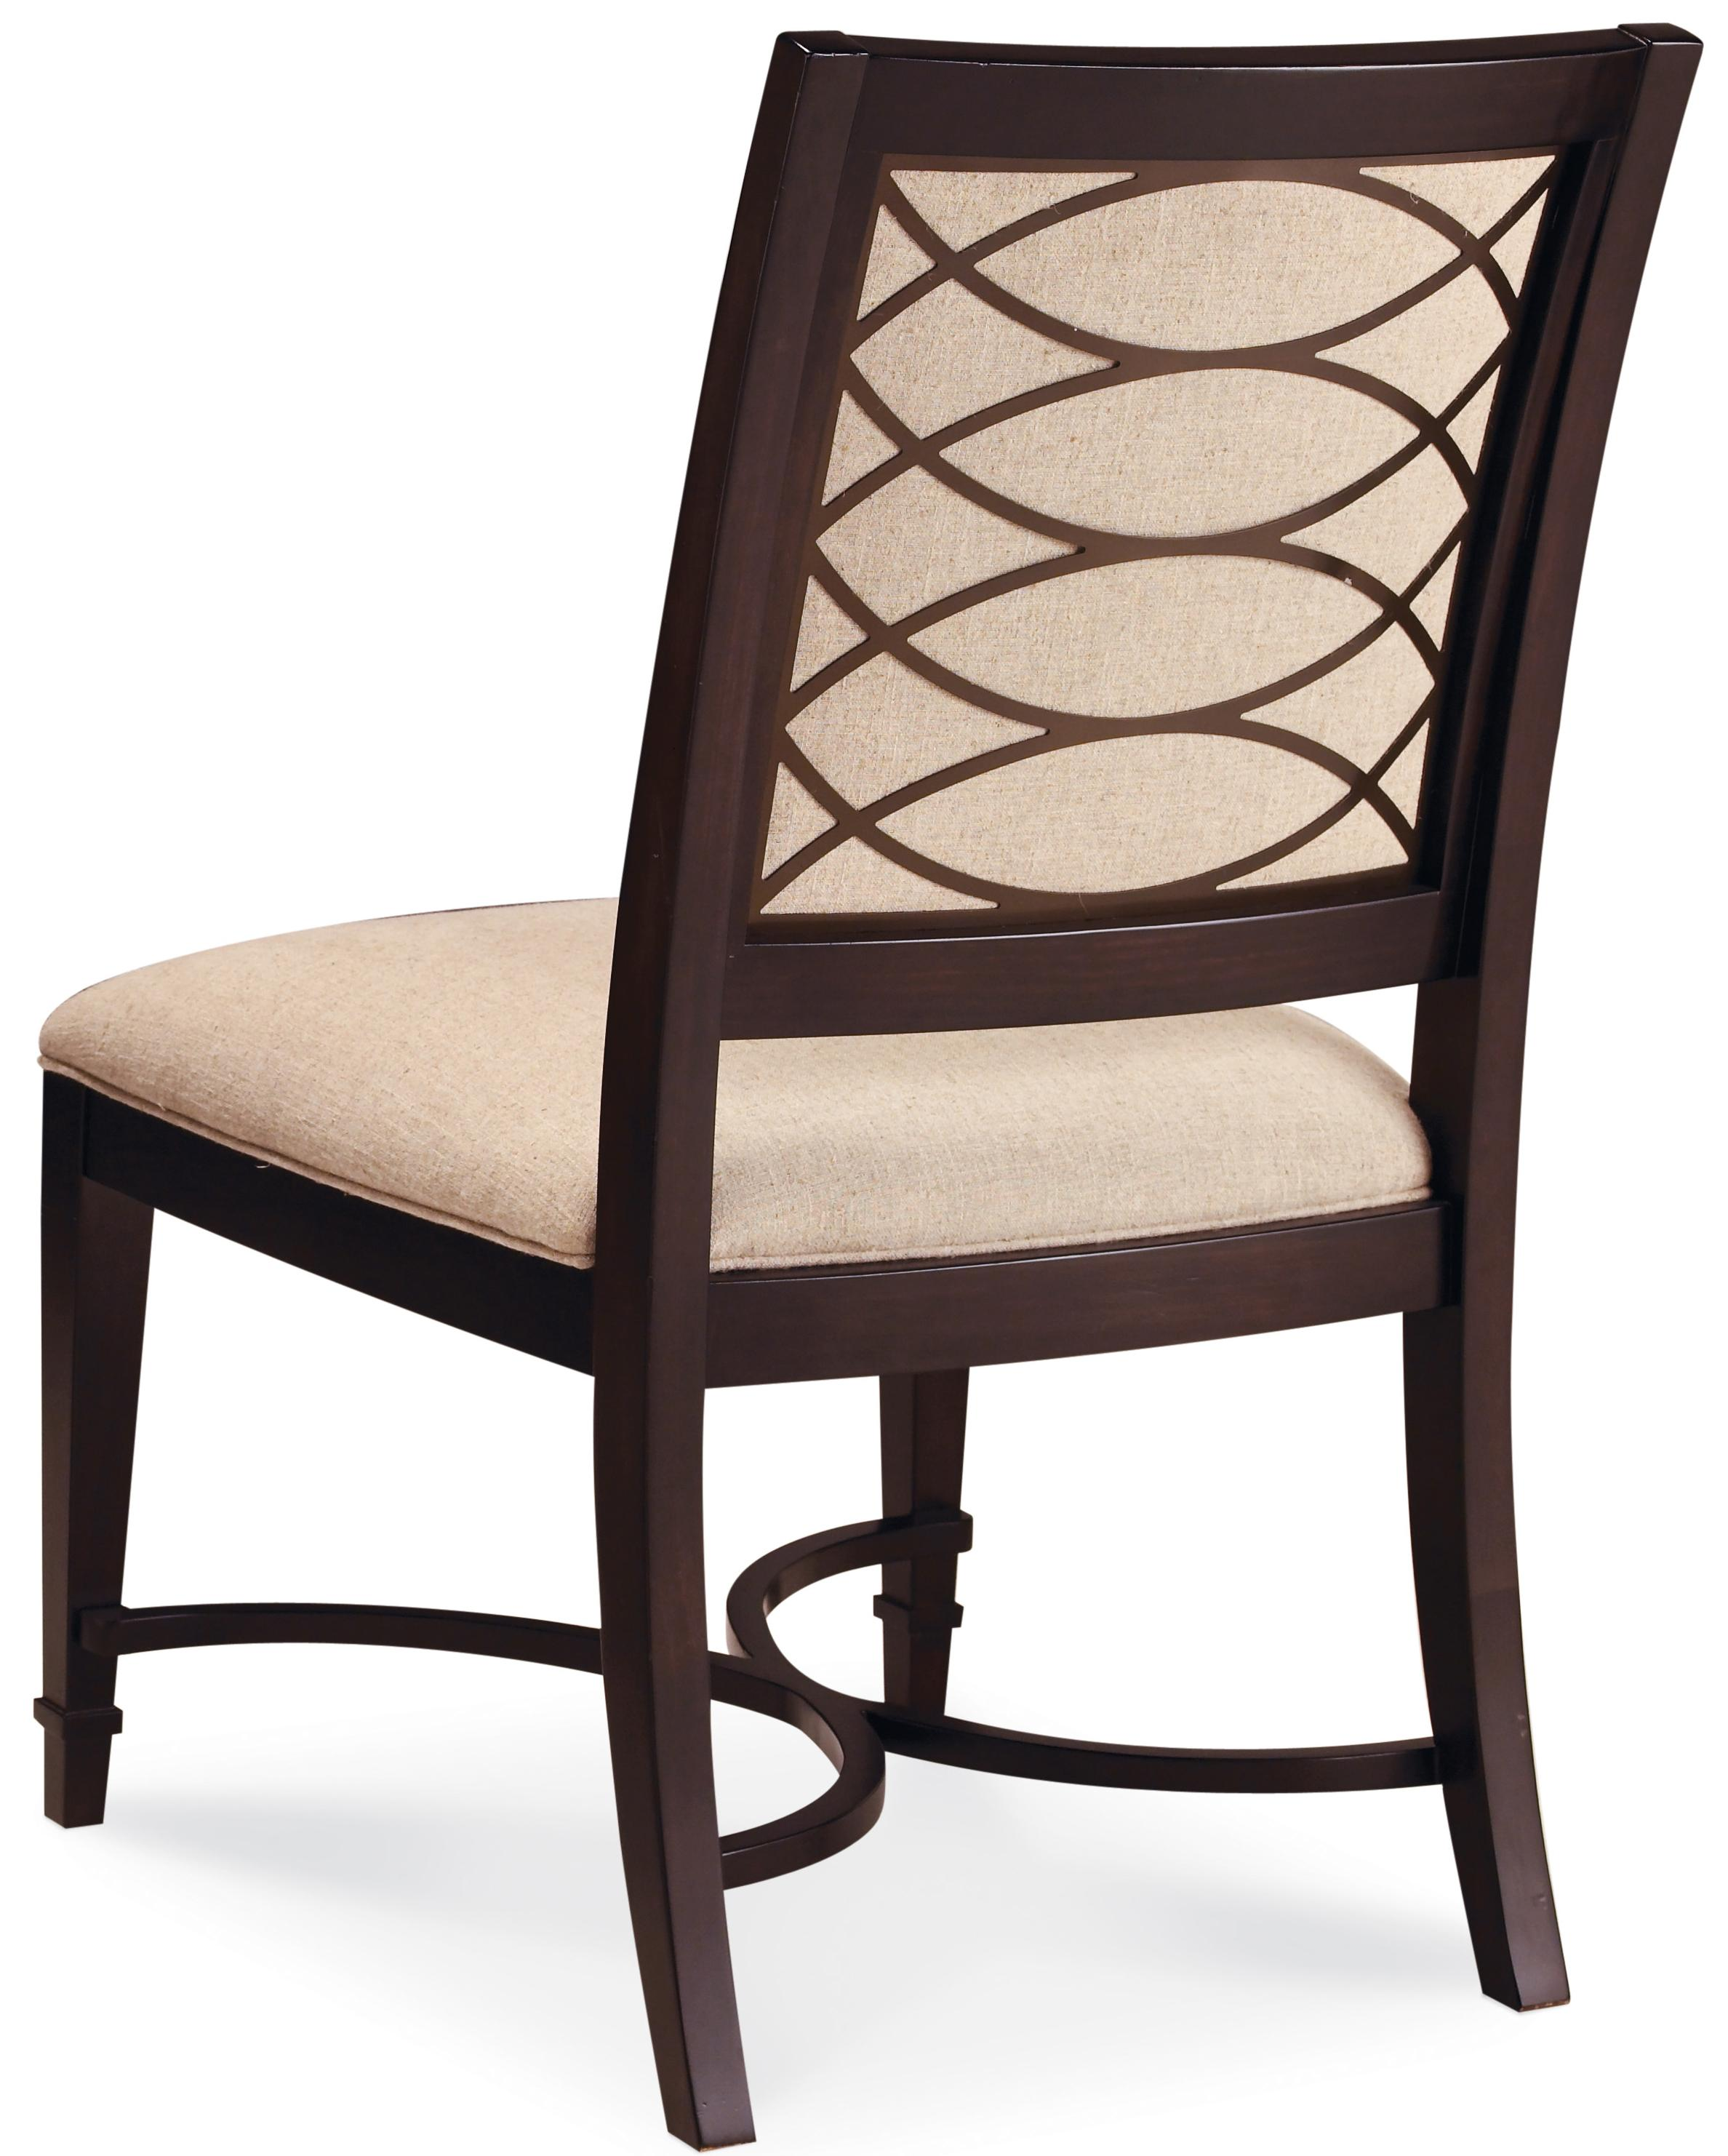 Belfort Signature Bolbrook Upholstered Side Chair - Item Number: 61206-2636